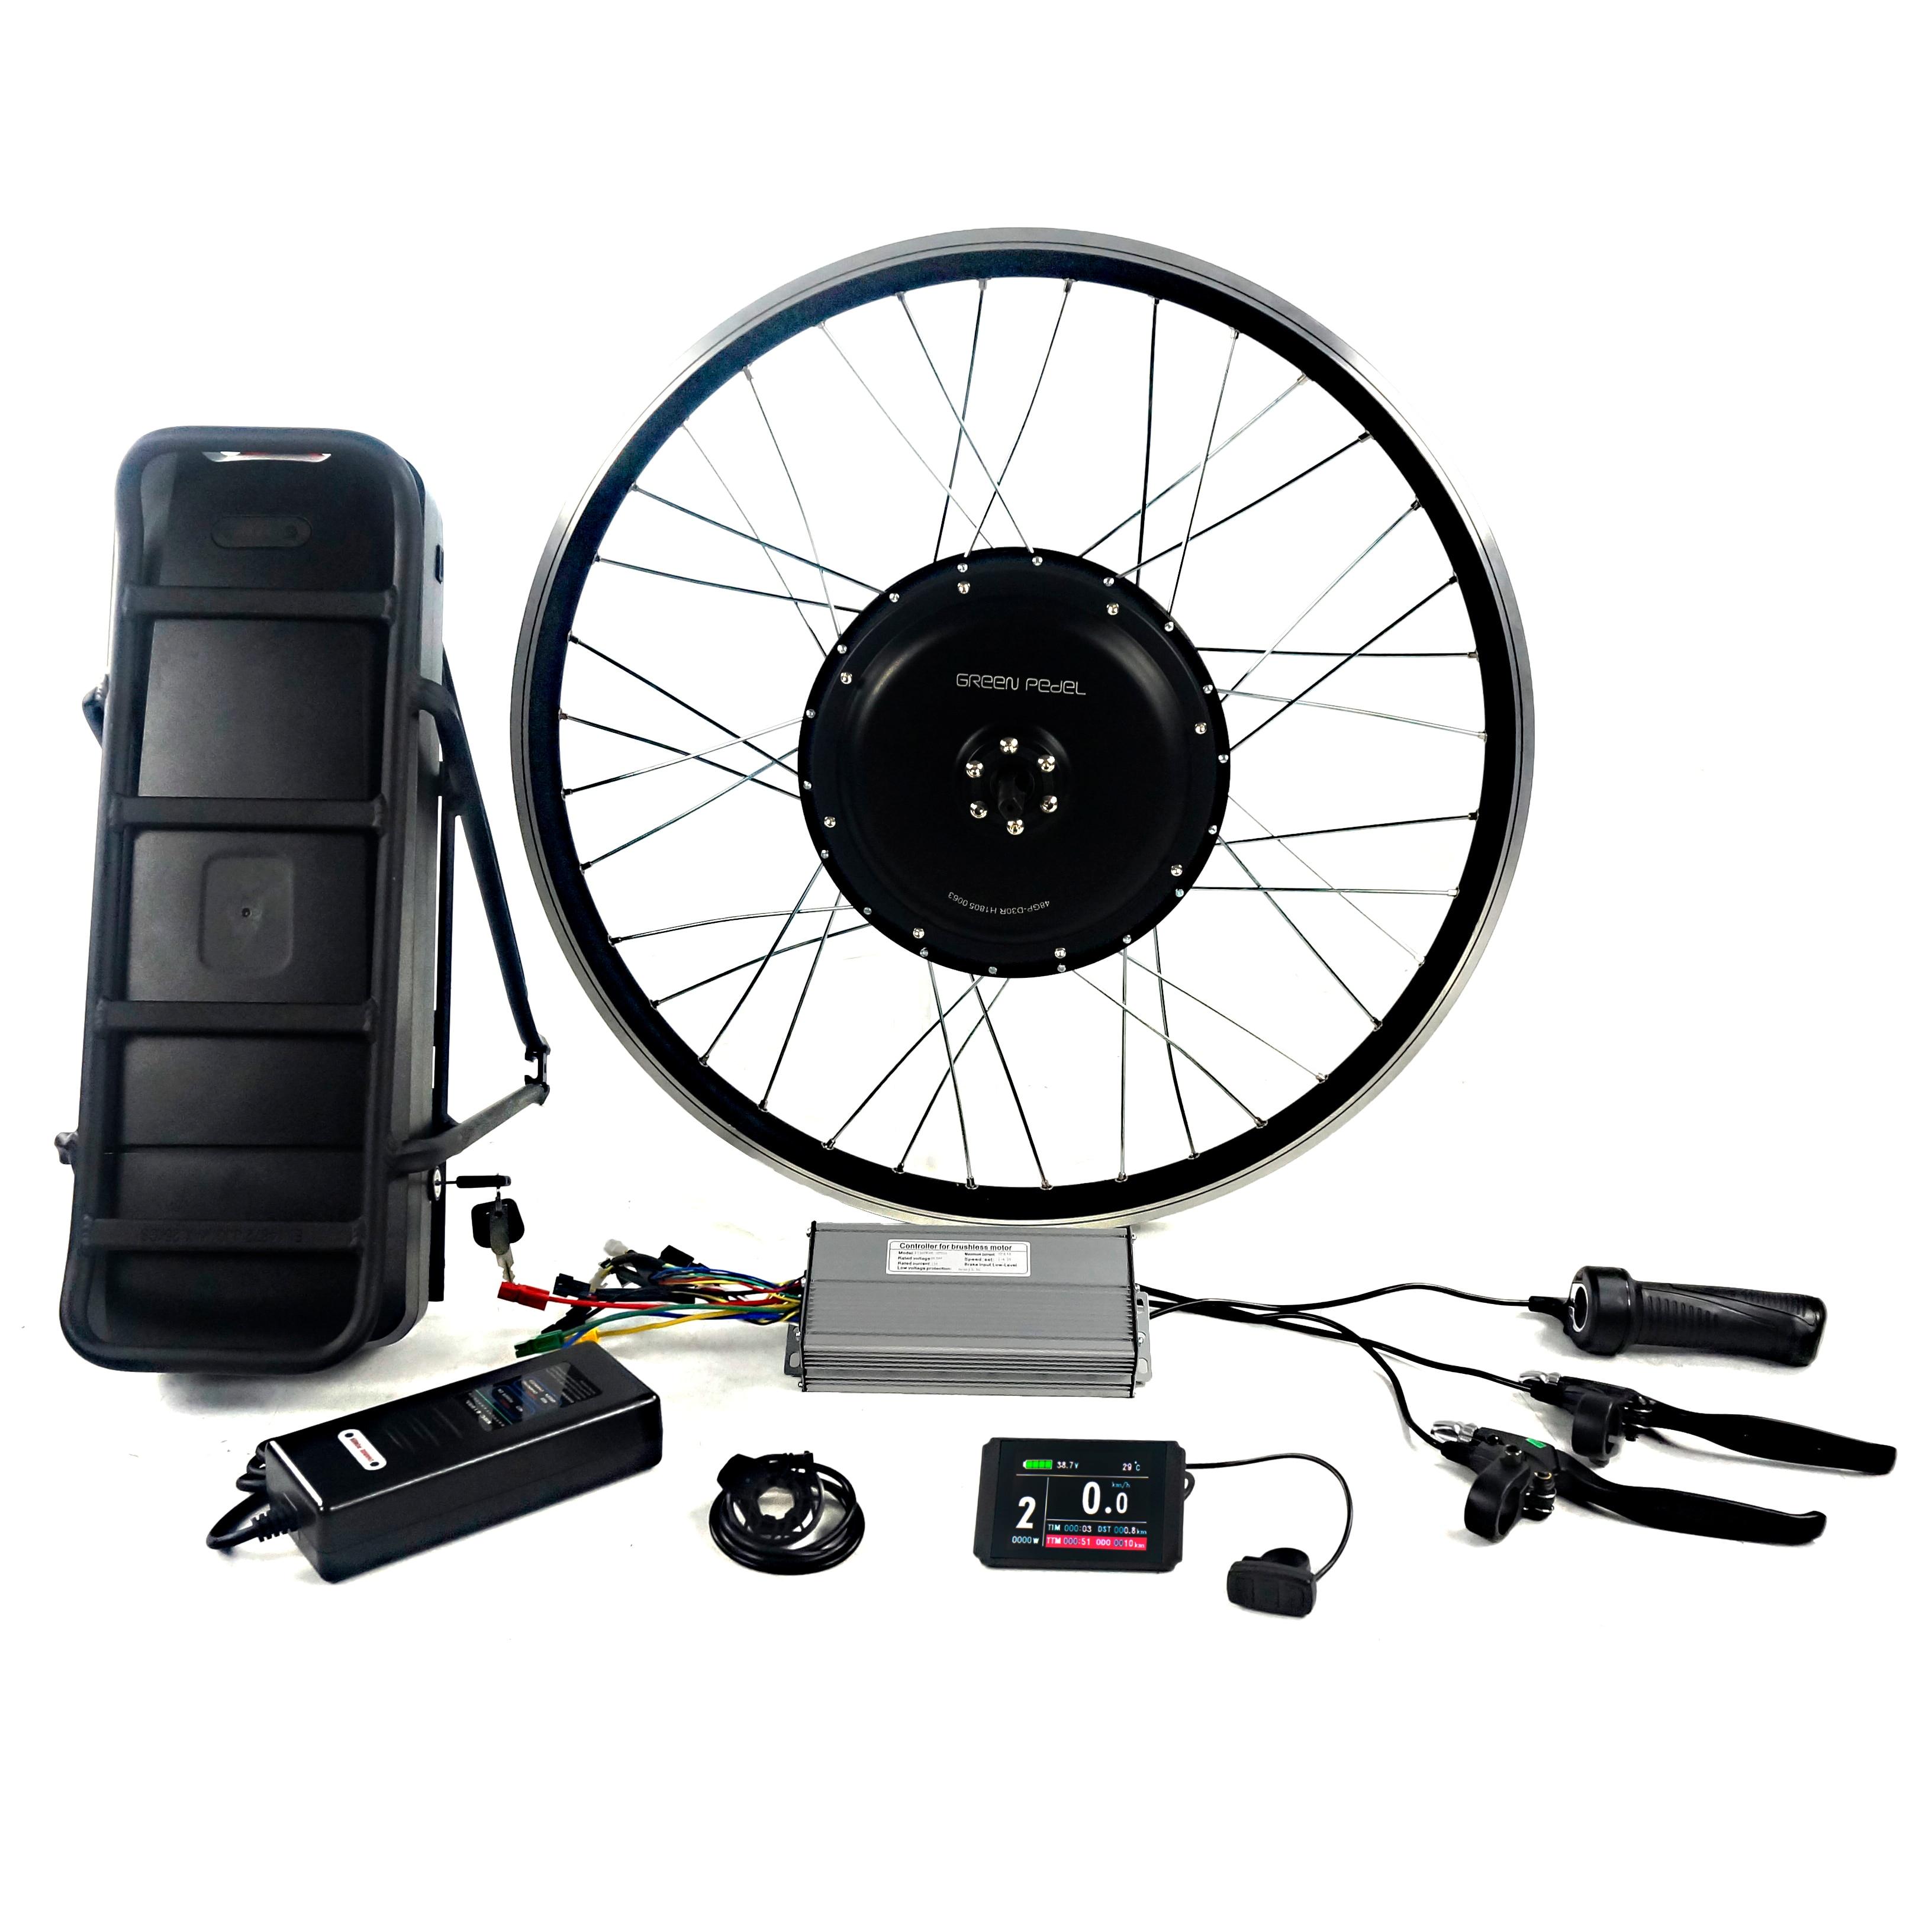 Greenpedel أعلى قوة 48 فولت 1000 واط دراجة كهربائية عدة بالجملة مع ملحقات دراجة أخرى